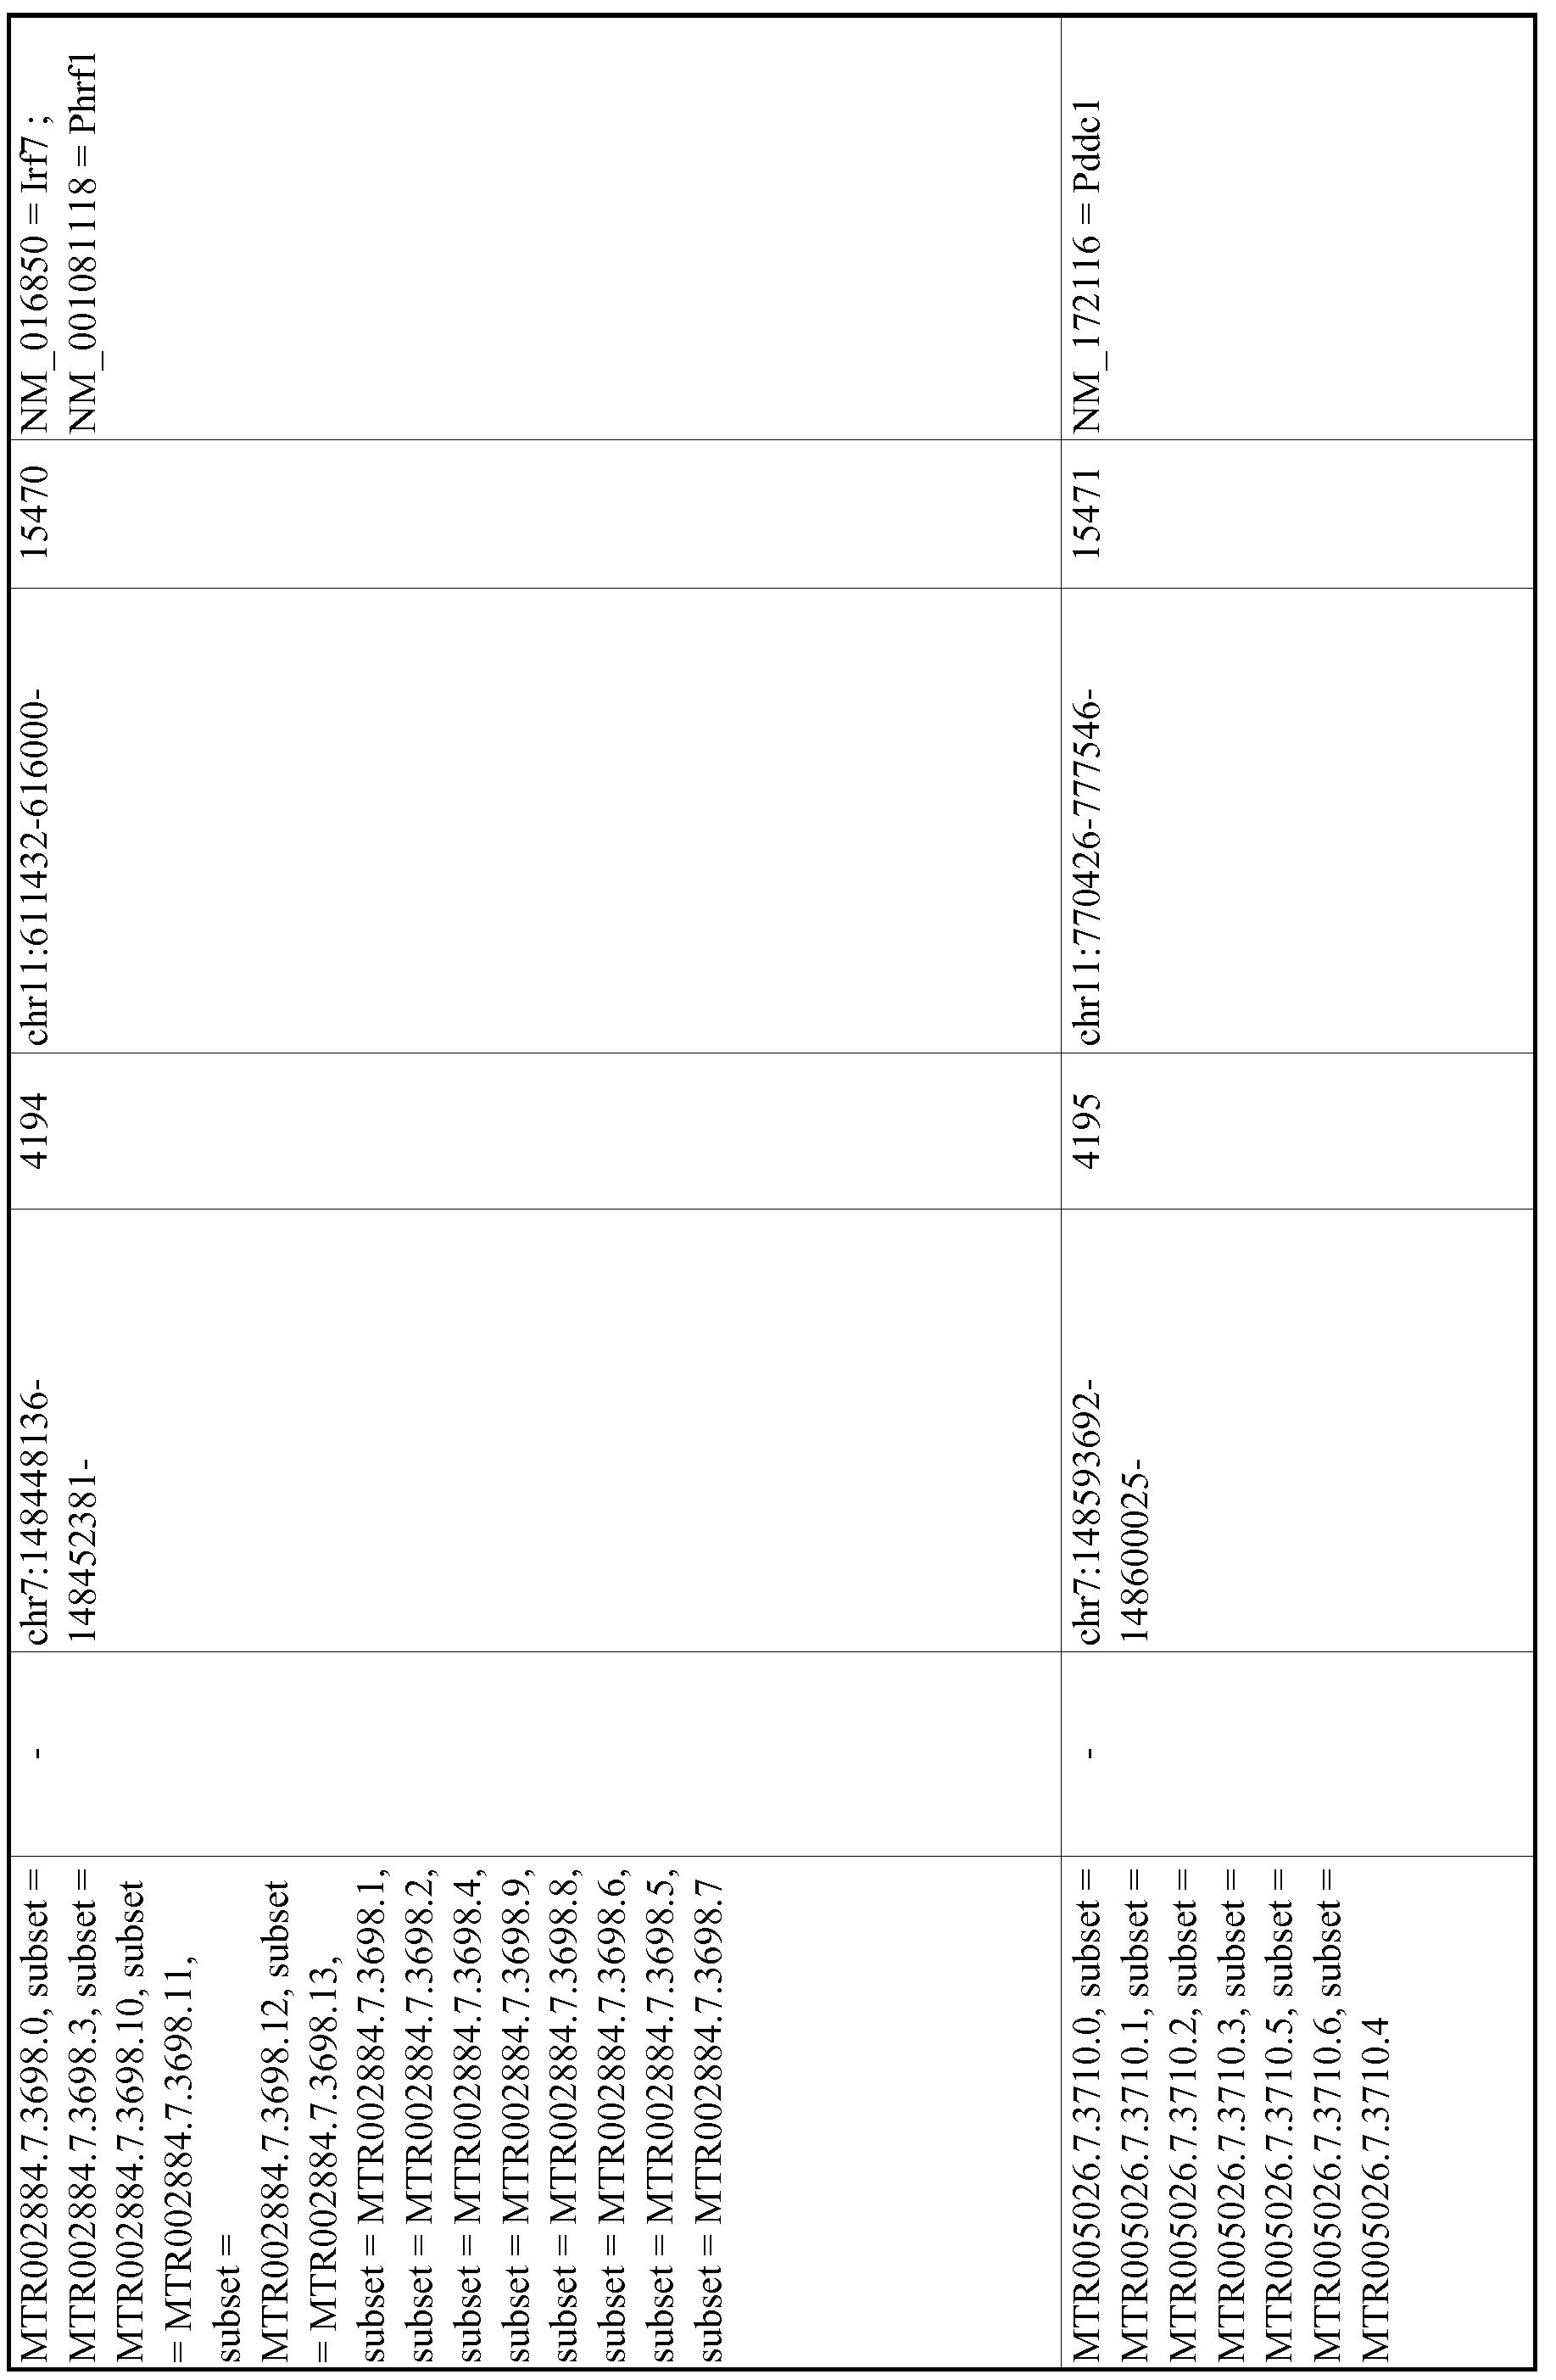 Figure imgf000793_0001